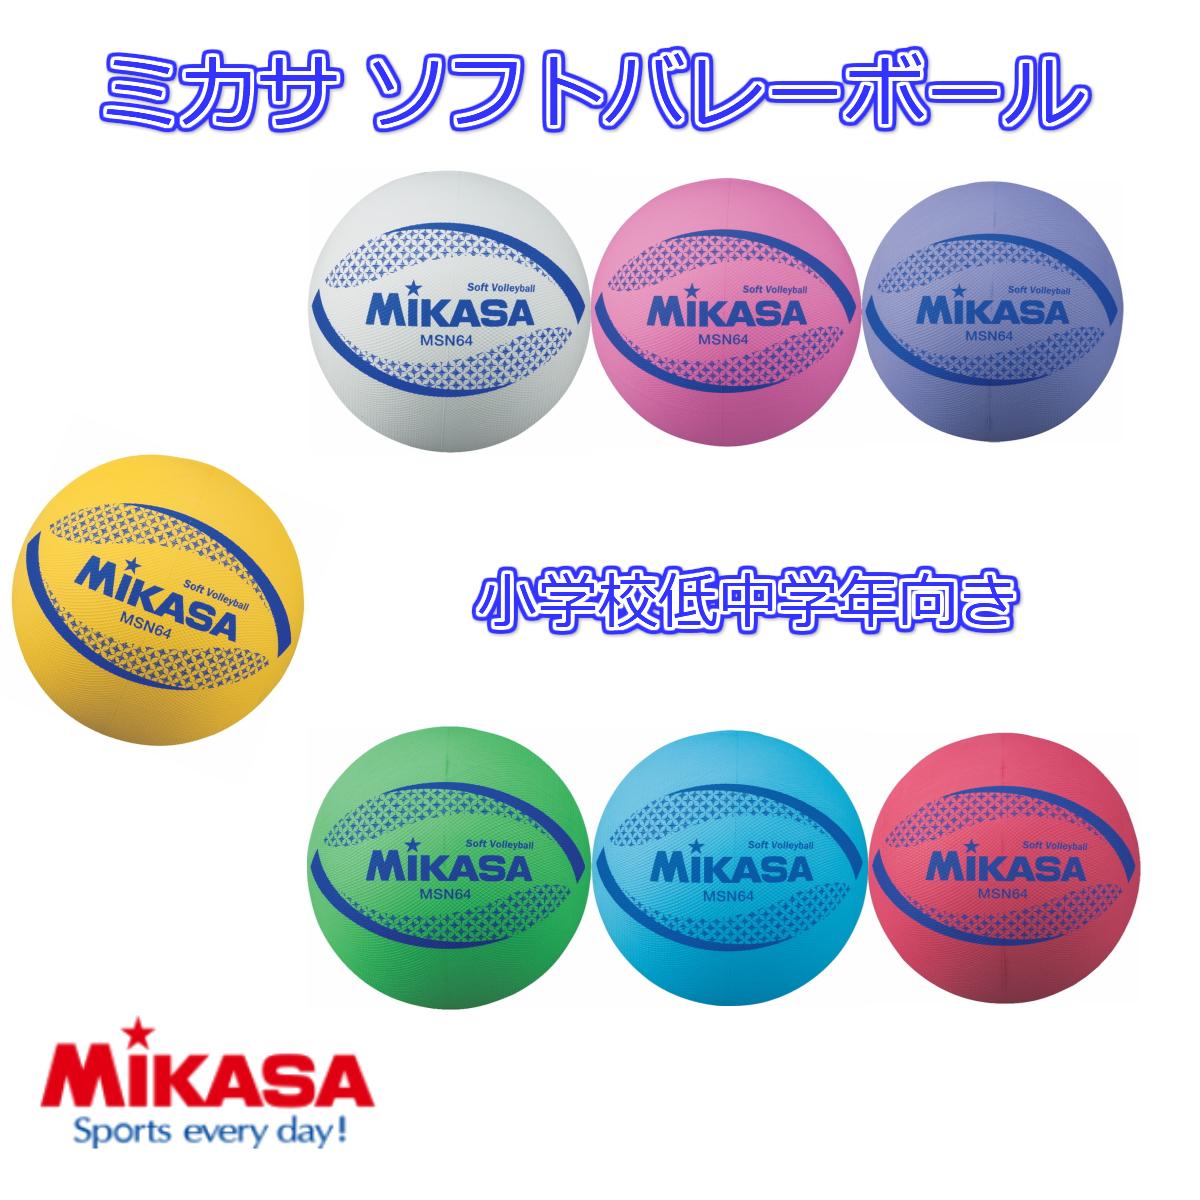 空気は入っていない状態でのお届けとなります ミカサ MIKASA ソフトバレーボール 小学校低 中学年 1 2 3 4年 用 7色 黄 白 MSN64-W MSN64-BL 円周約64cm 倉庫 MSN64-R ピンク MSN64-V 青 舗 MSN64-P 重量約150g MSN64-Y 紫 赤 MSN64-G 緑